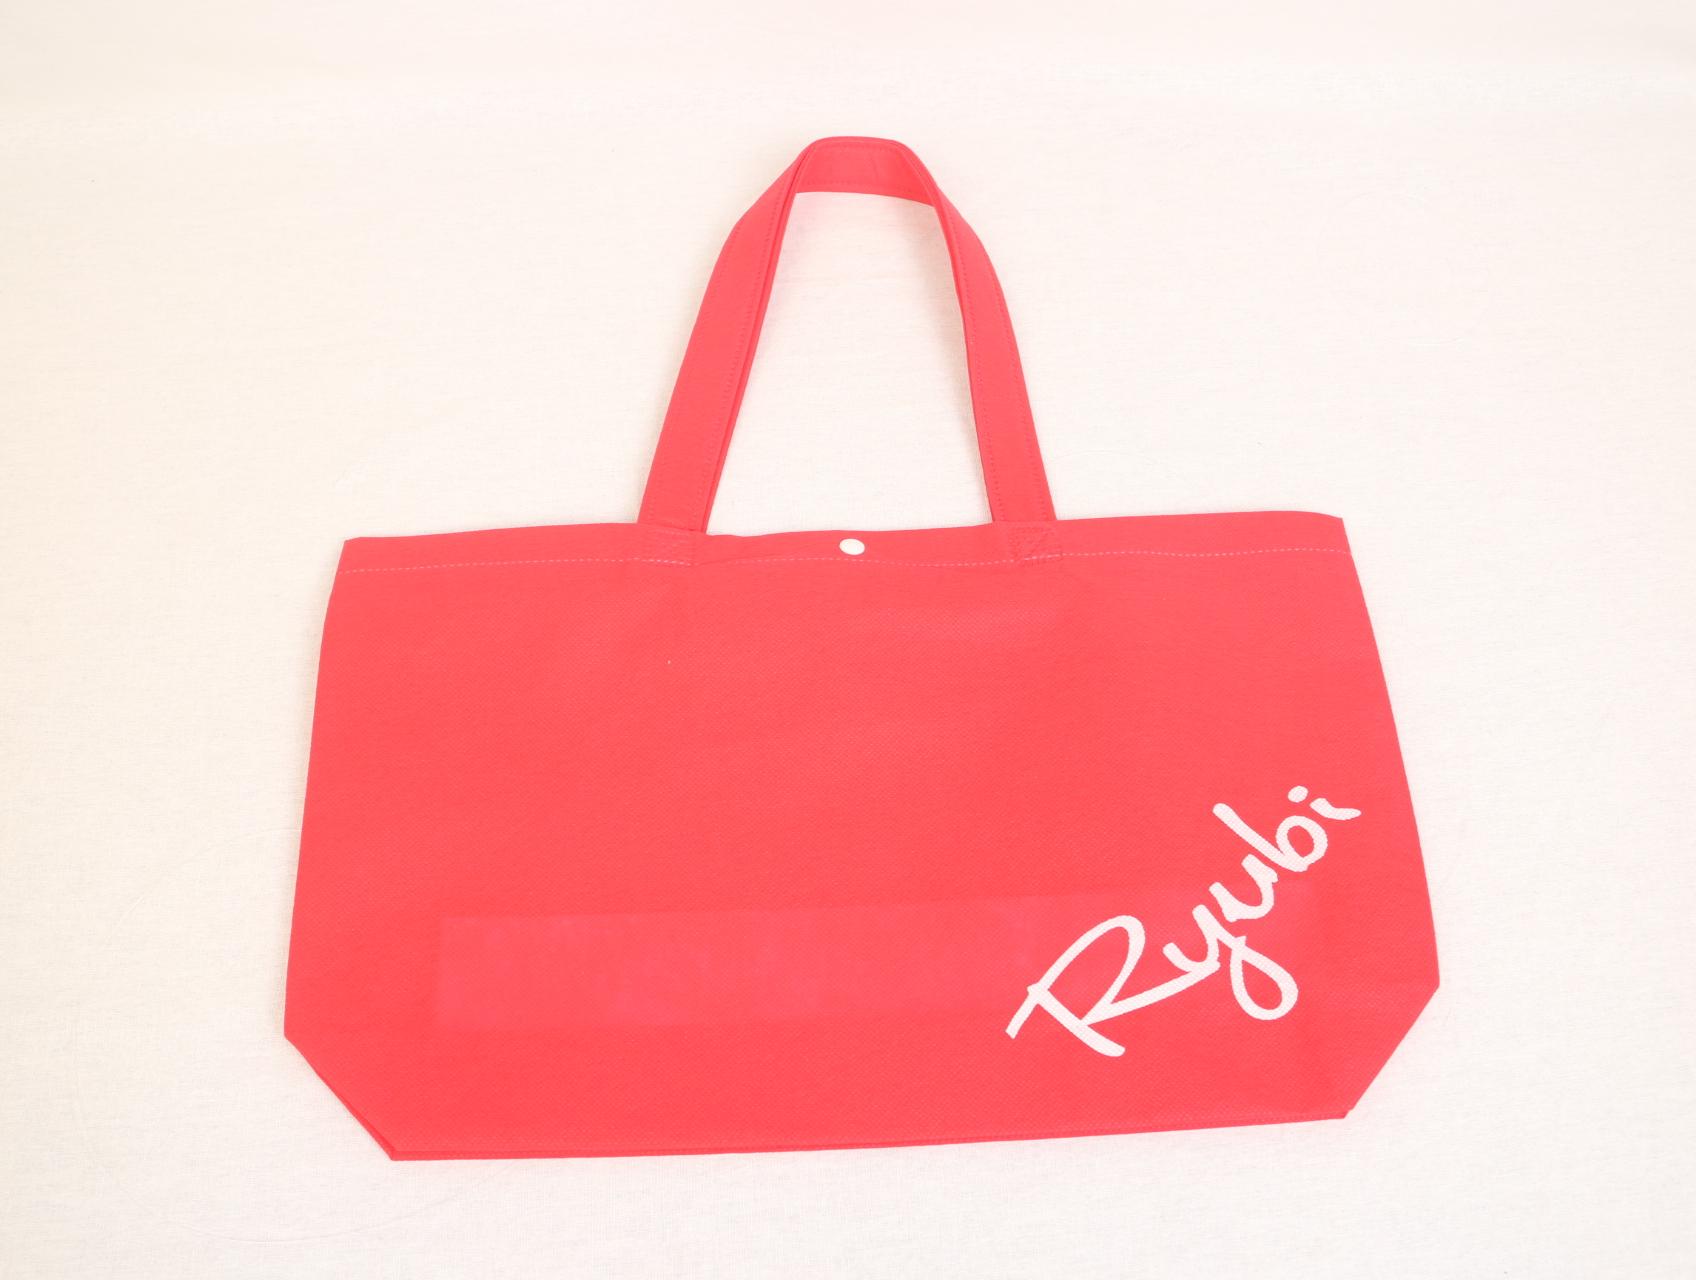 沖縄県にあります学園様のオリジナル不織布バッグ